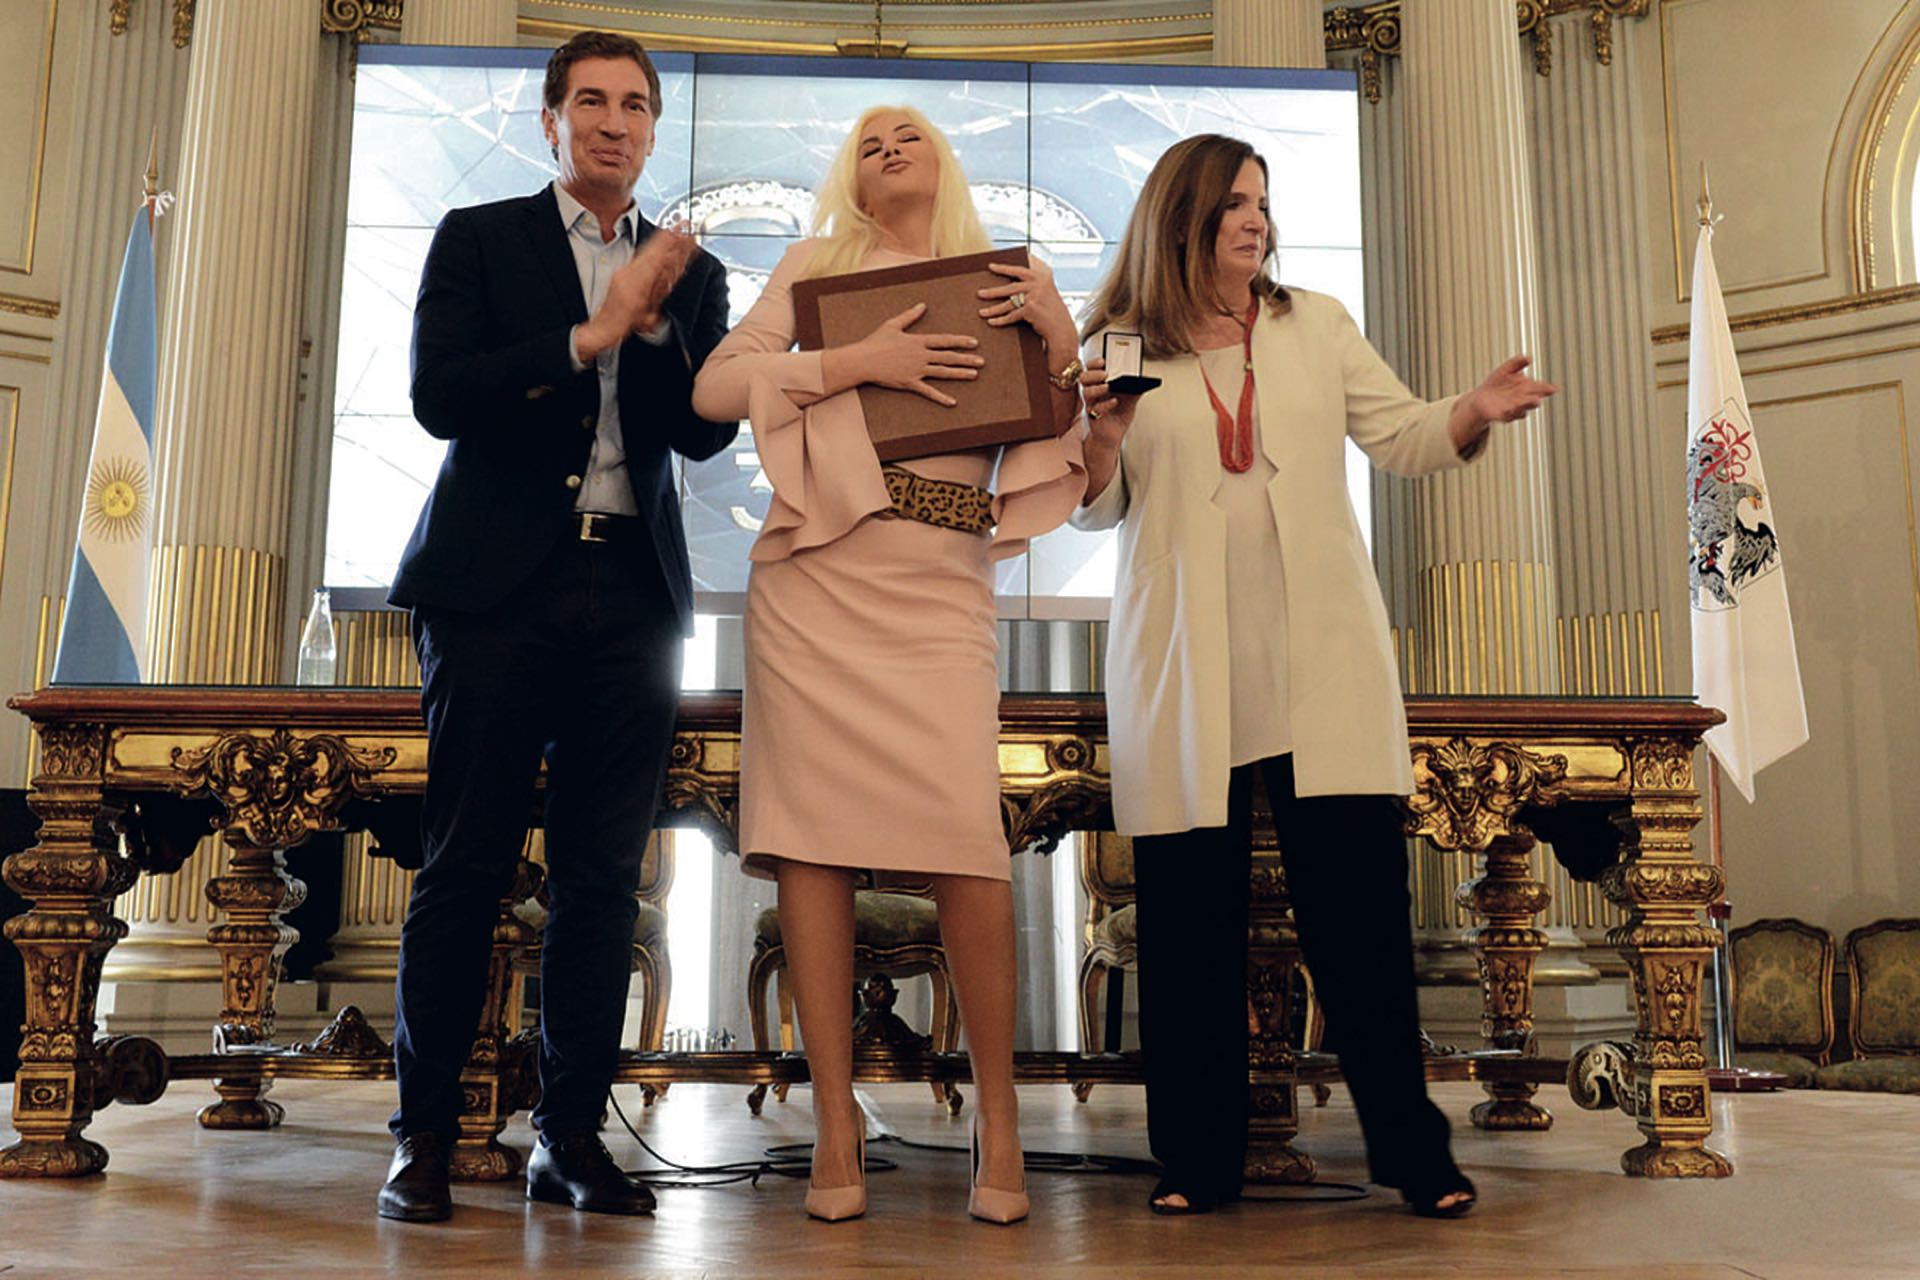 Feliz con su diploma junto al vicejefe de Gobierno, Diego Santilli, y Carmen Polledo, vicepresidenta de la Legislatura